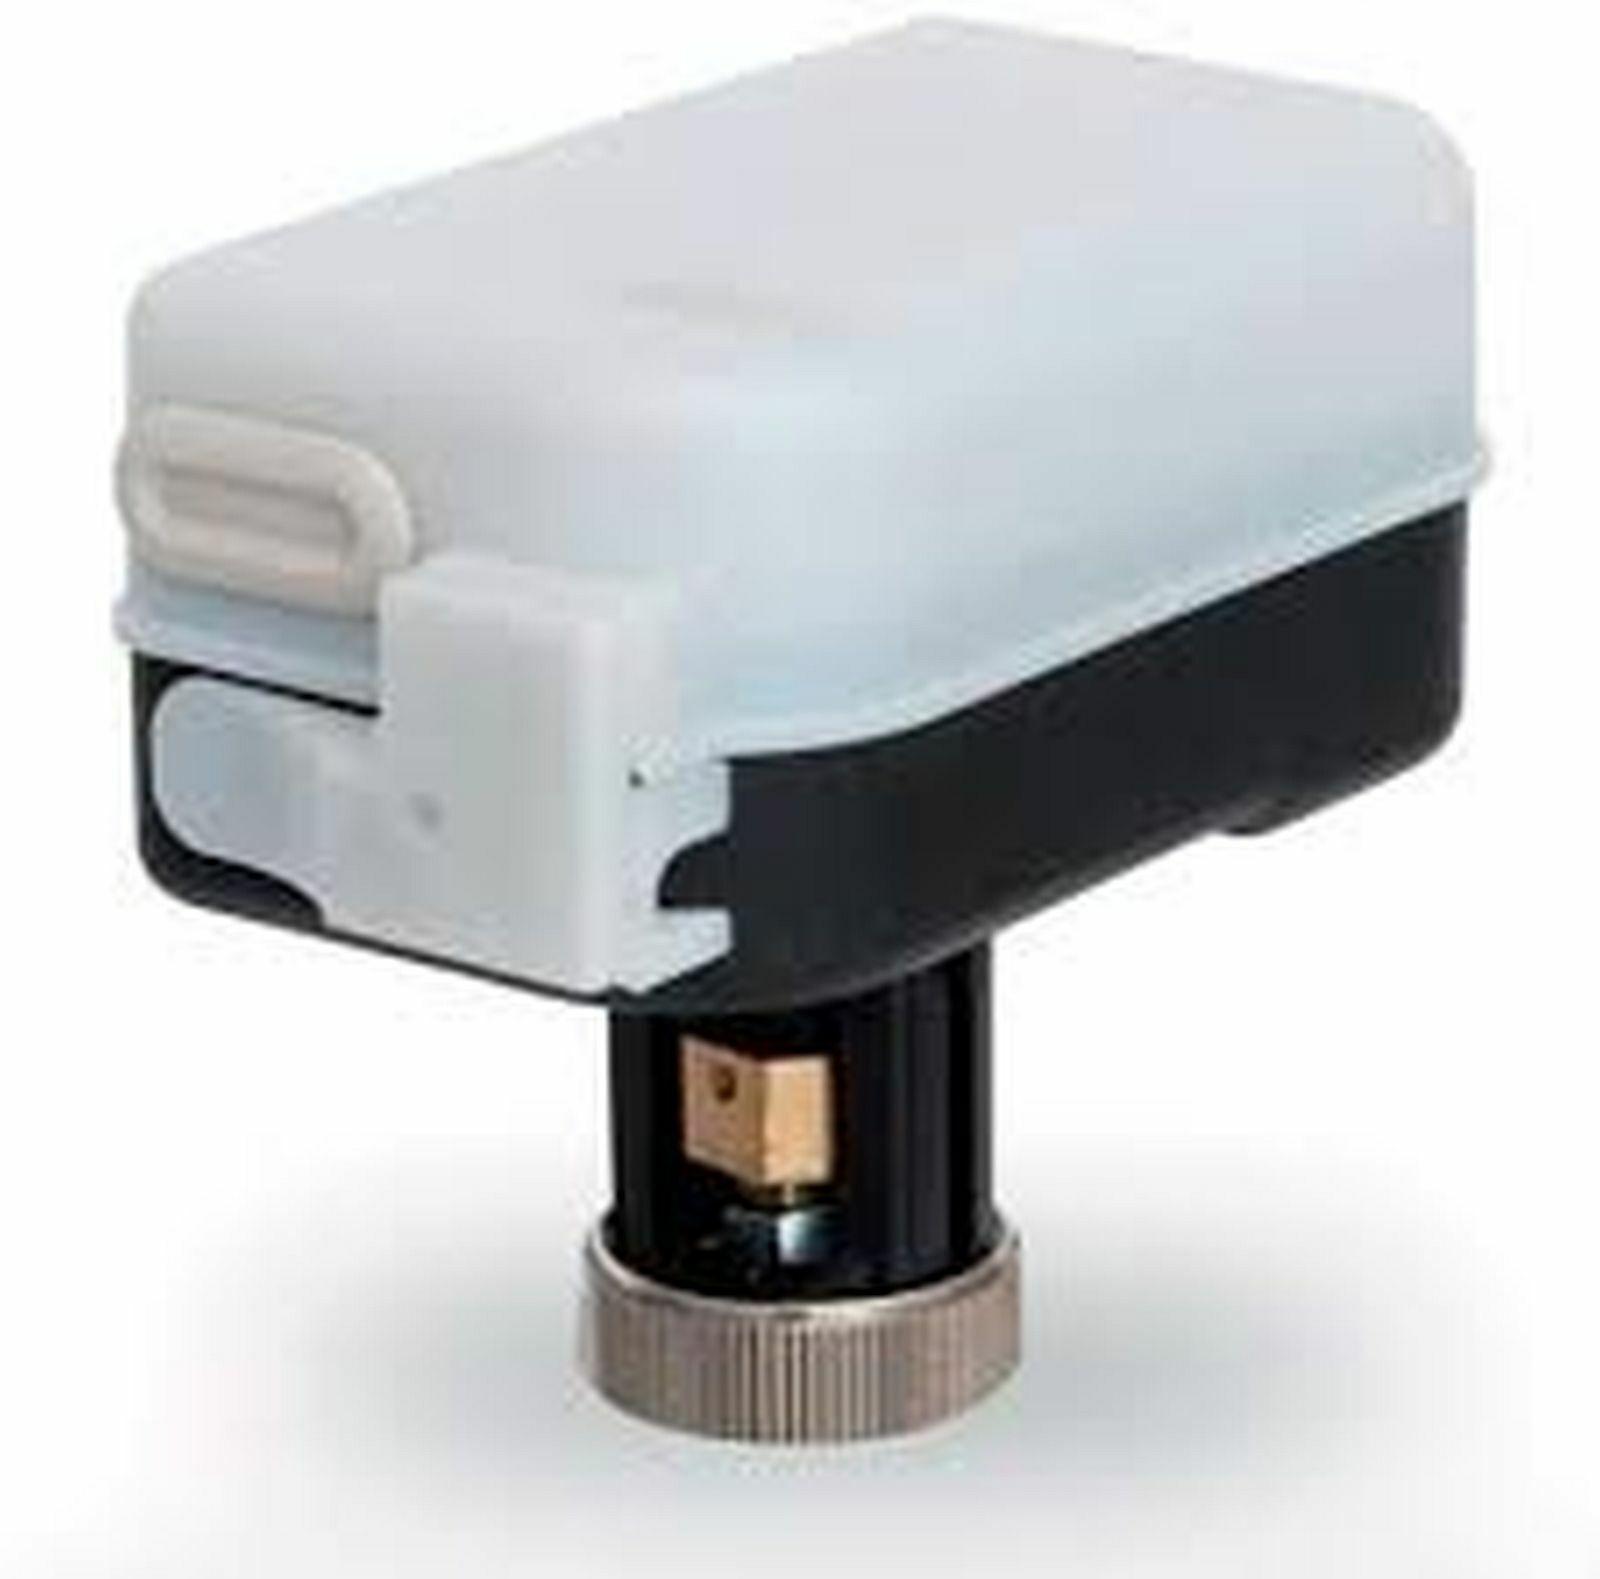 Syxthsense MV30 control lineal caliente Caudal Agua Fría Calefacción Válvula Actuador